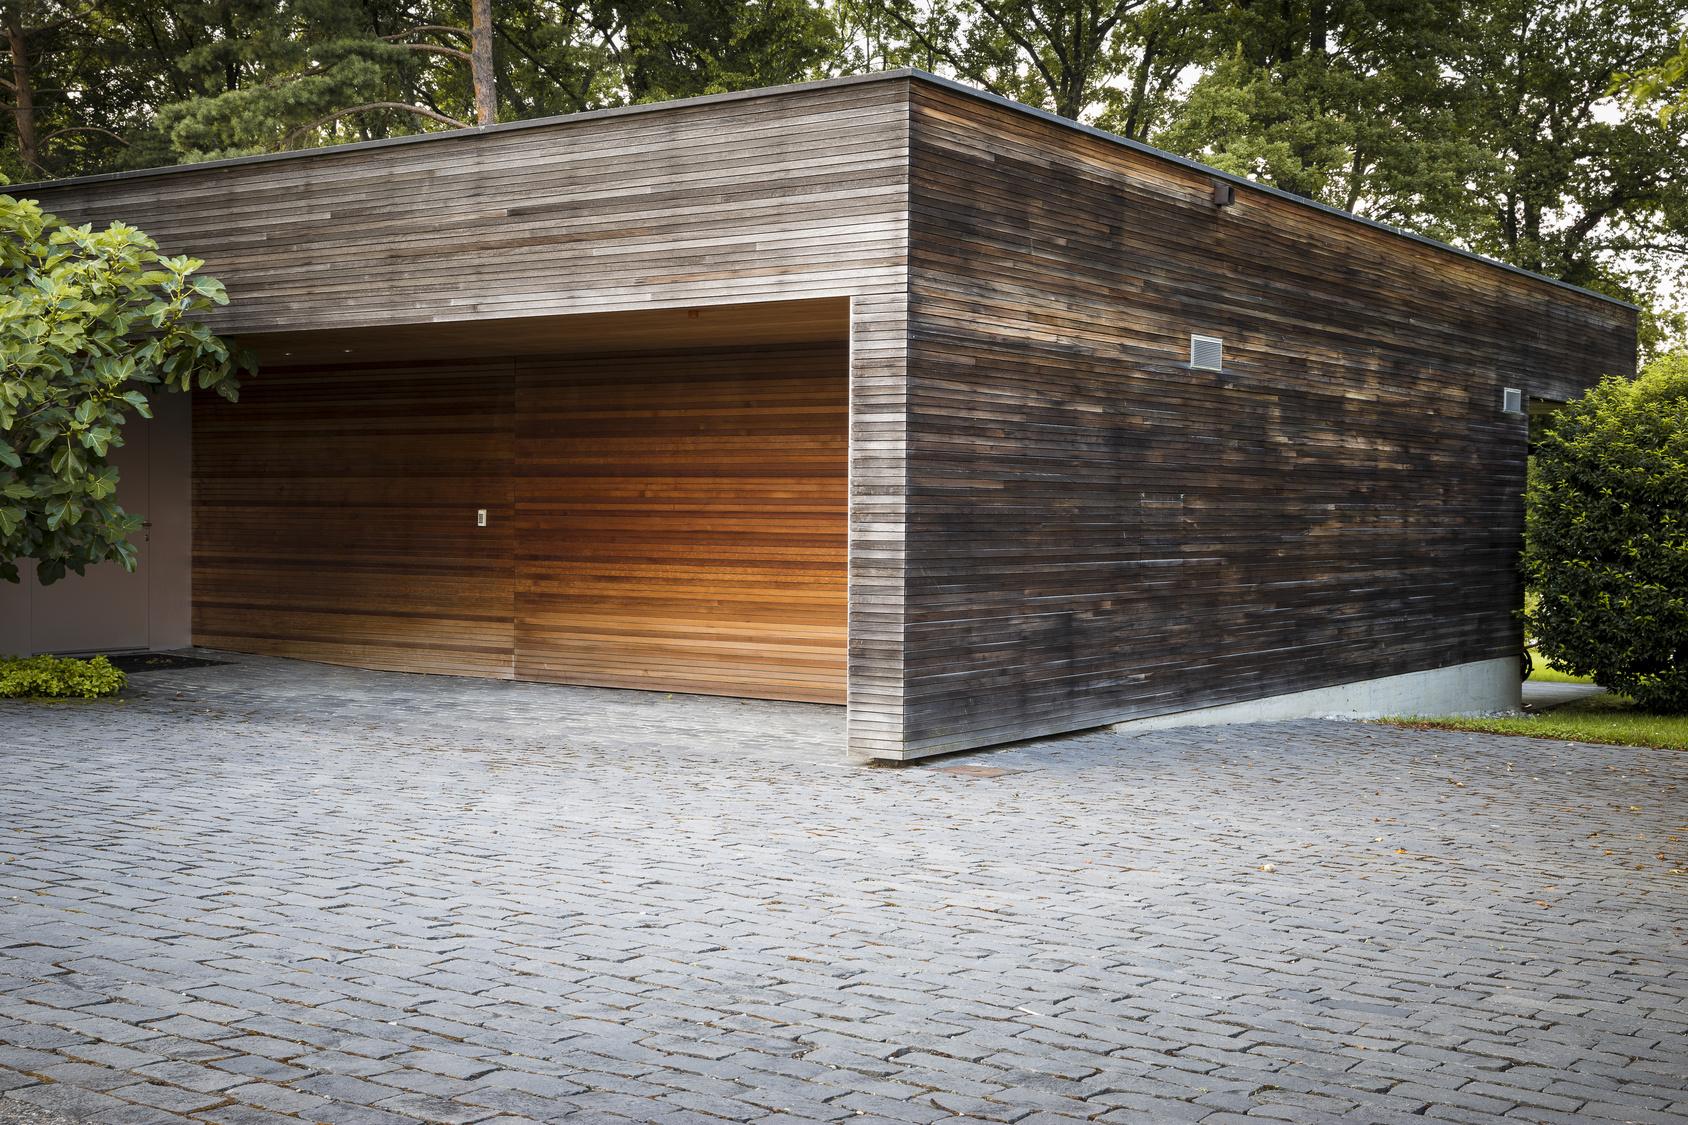 Int r t et prix d un garage en bois toit plat for Constructeur maison en bois toit plat